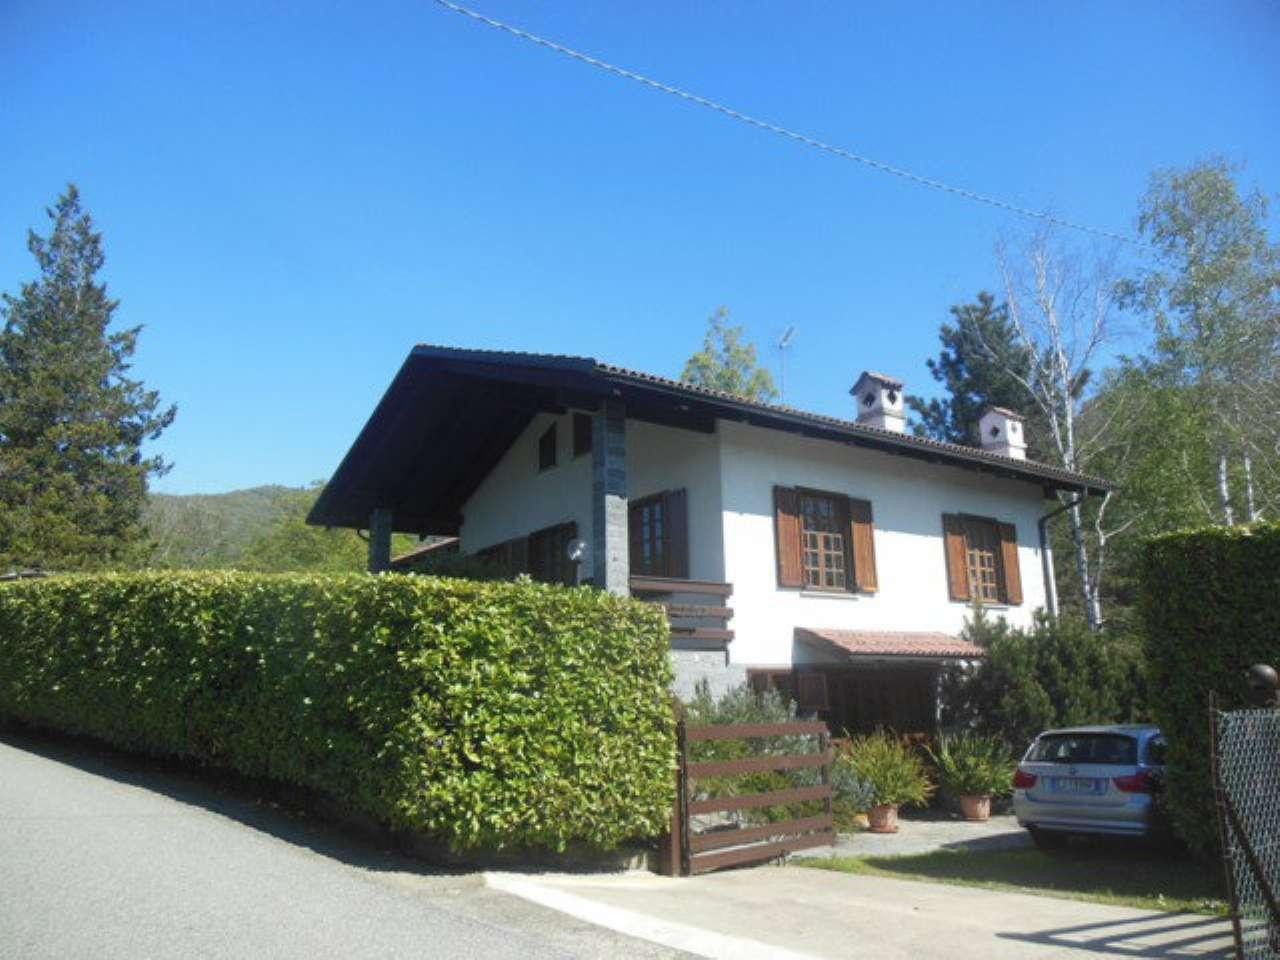 Soluzione Indipendente in vendita a Rocca Canavese, 5 locali, prezzo € 245.000 | CambioCasa.it